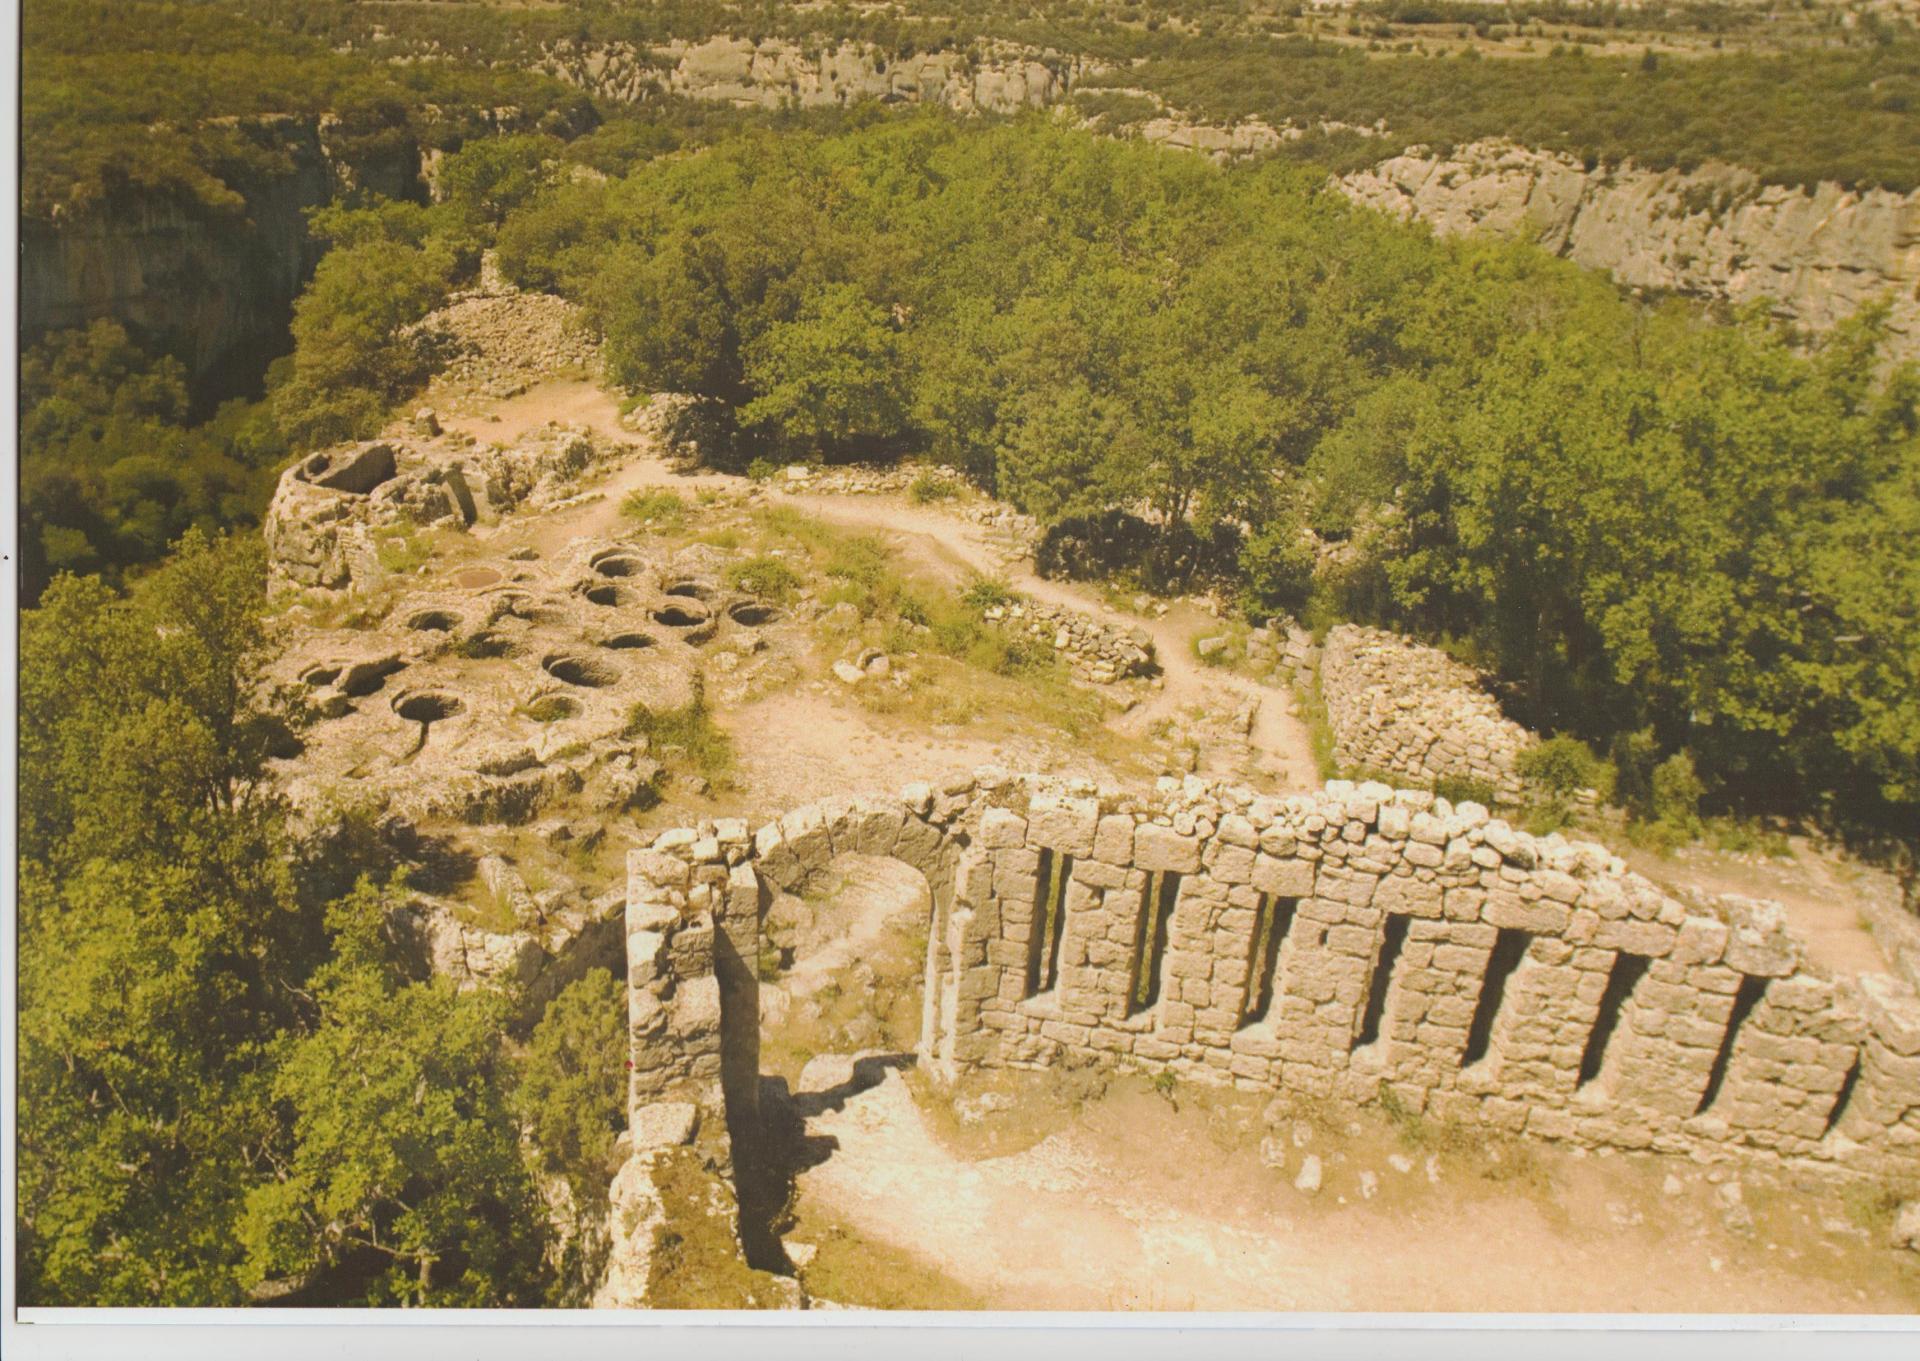 Fort de buoux photo 1 001